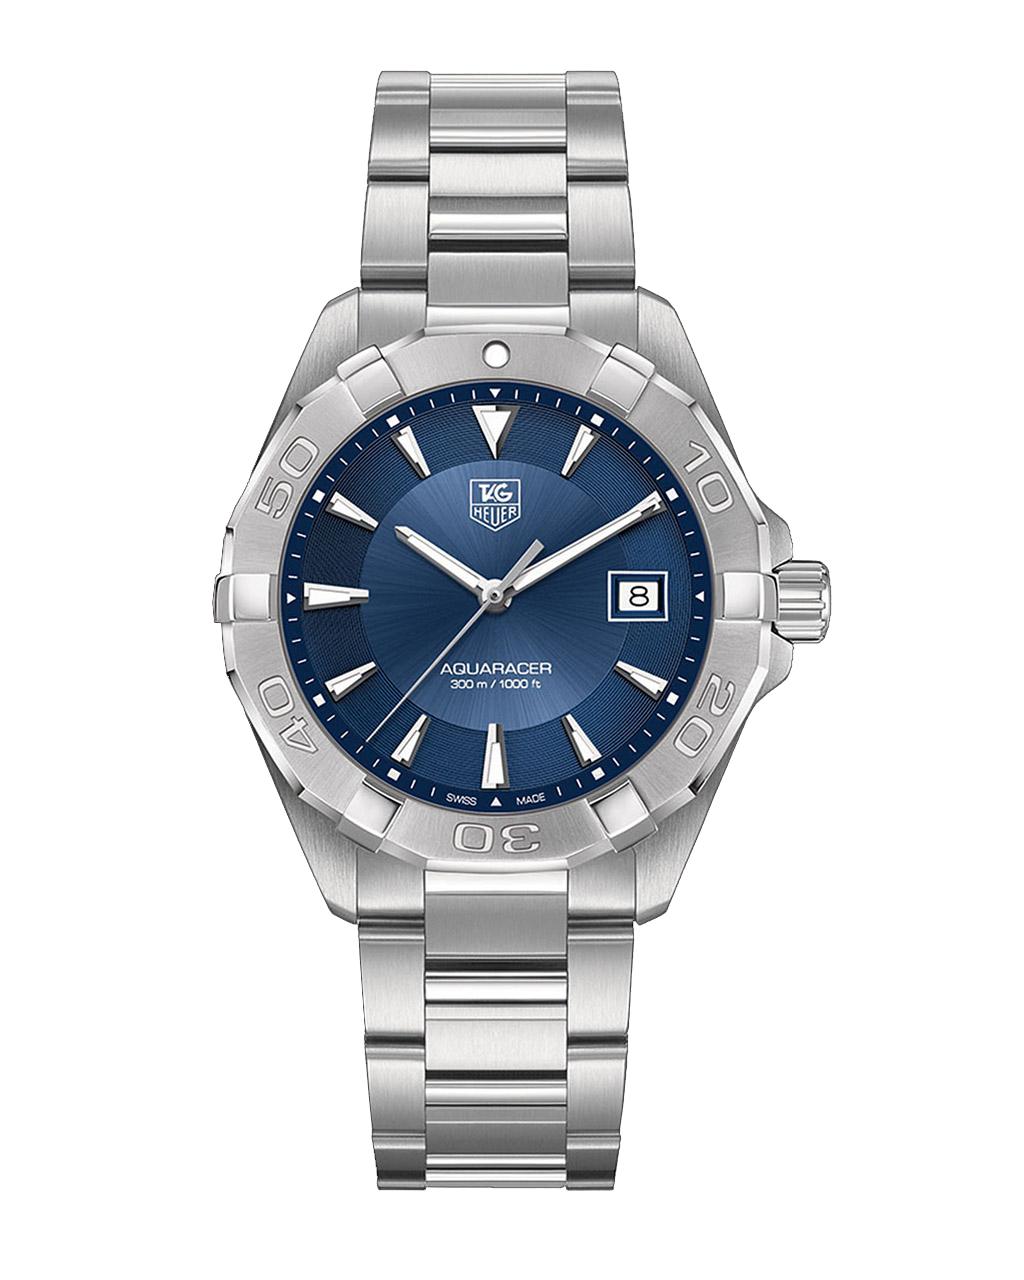 Ρολόι TAG Heuer Aquaracer WAY1112.BA0928   ρολογια tag heuer